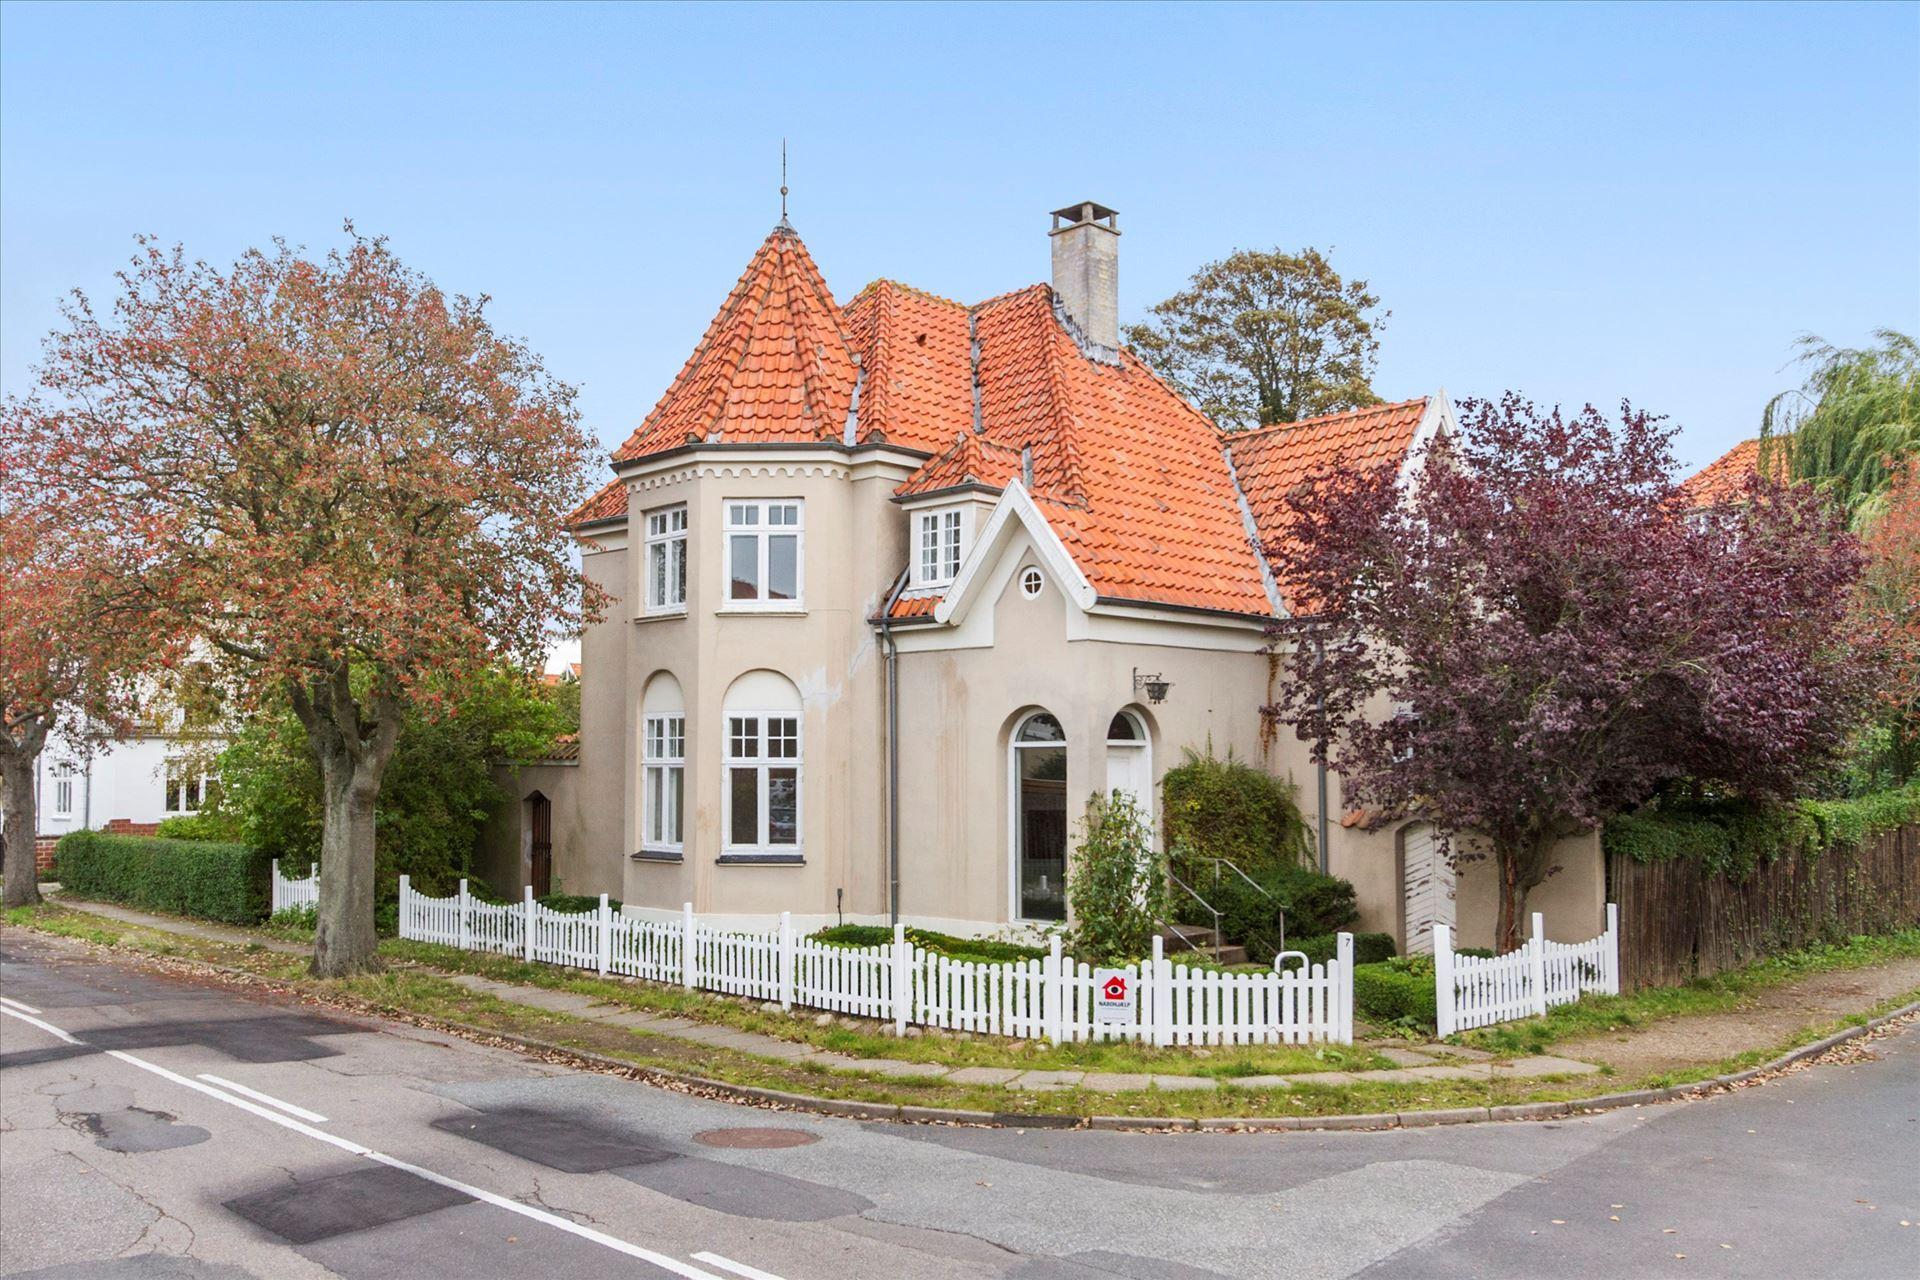 Absalonsgade 7, 4760 Vordingborg